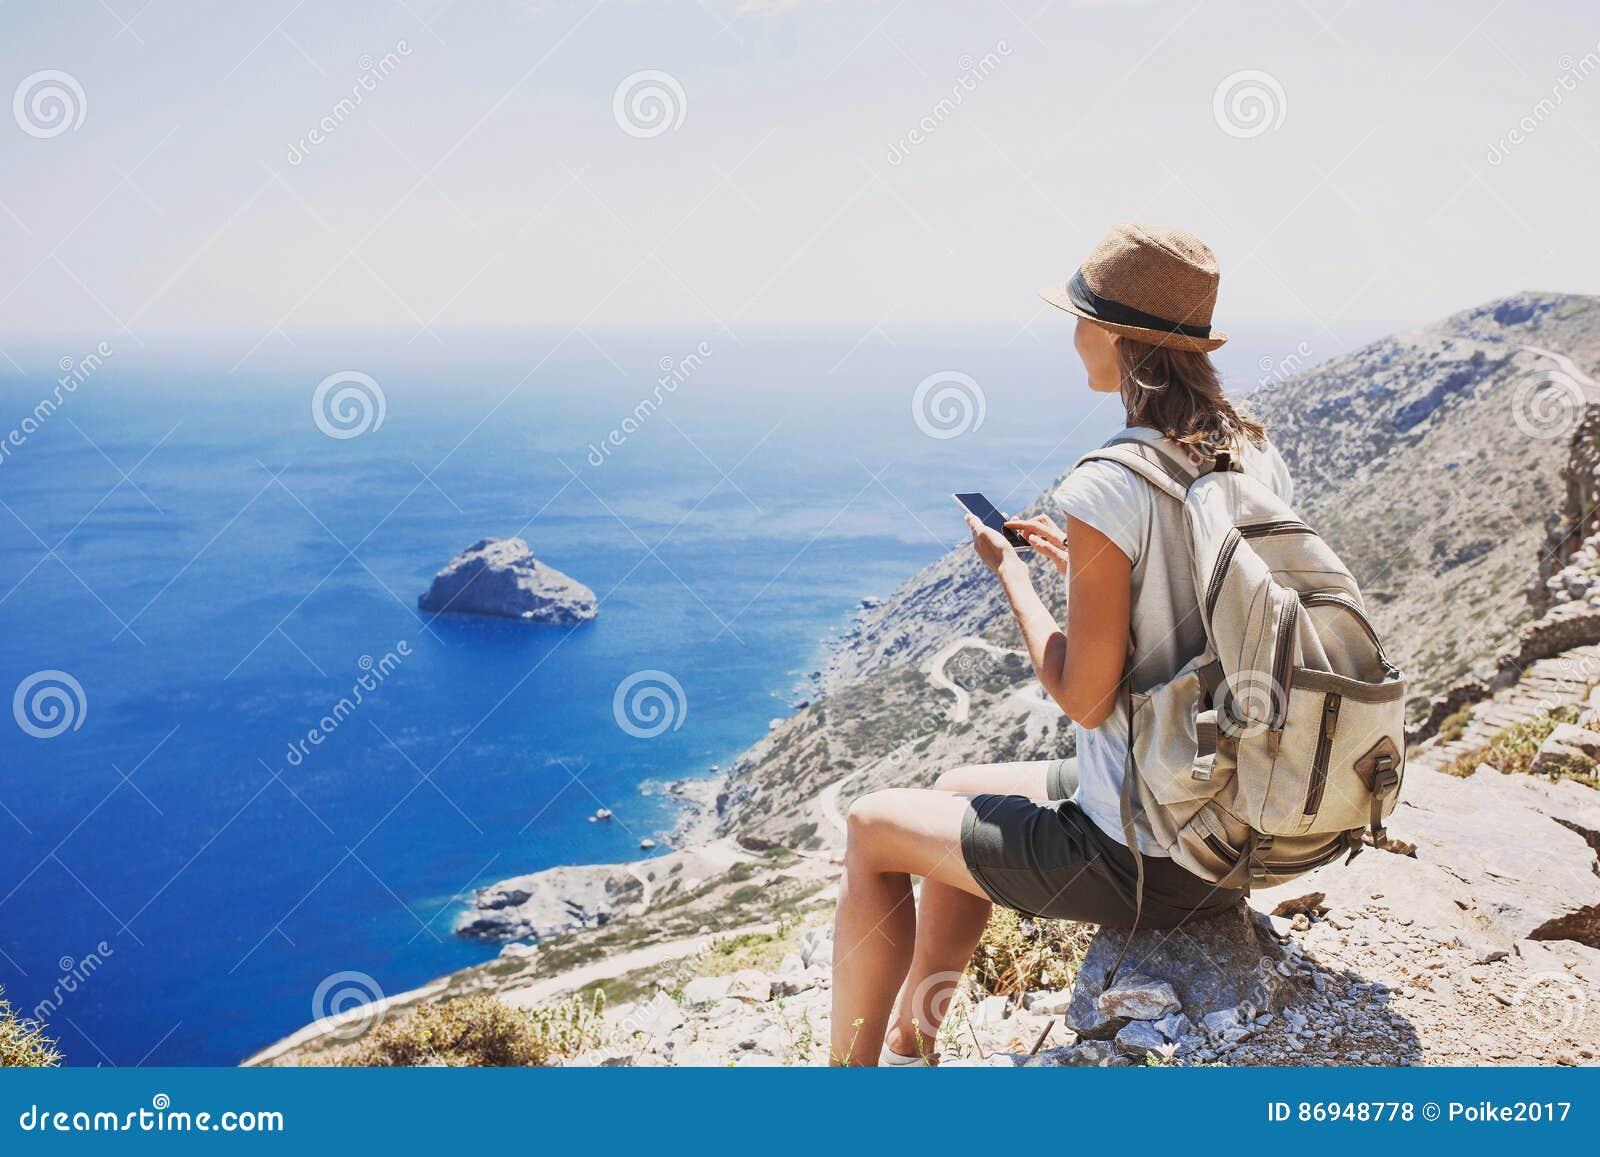 Wandern der Frau, die das intelligente Telefon nimmt Foto, Reise und aktives Lebensstilkonzept verwendet